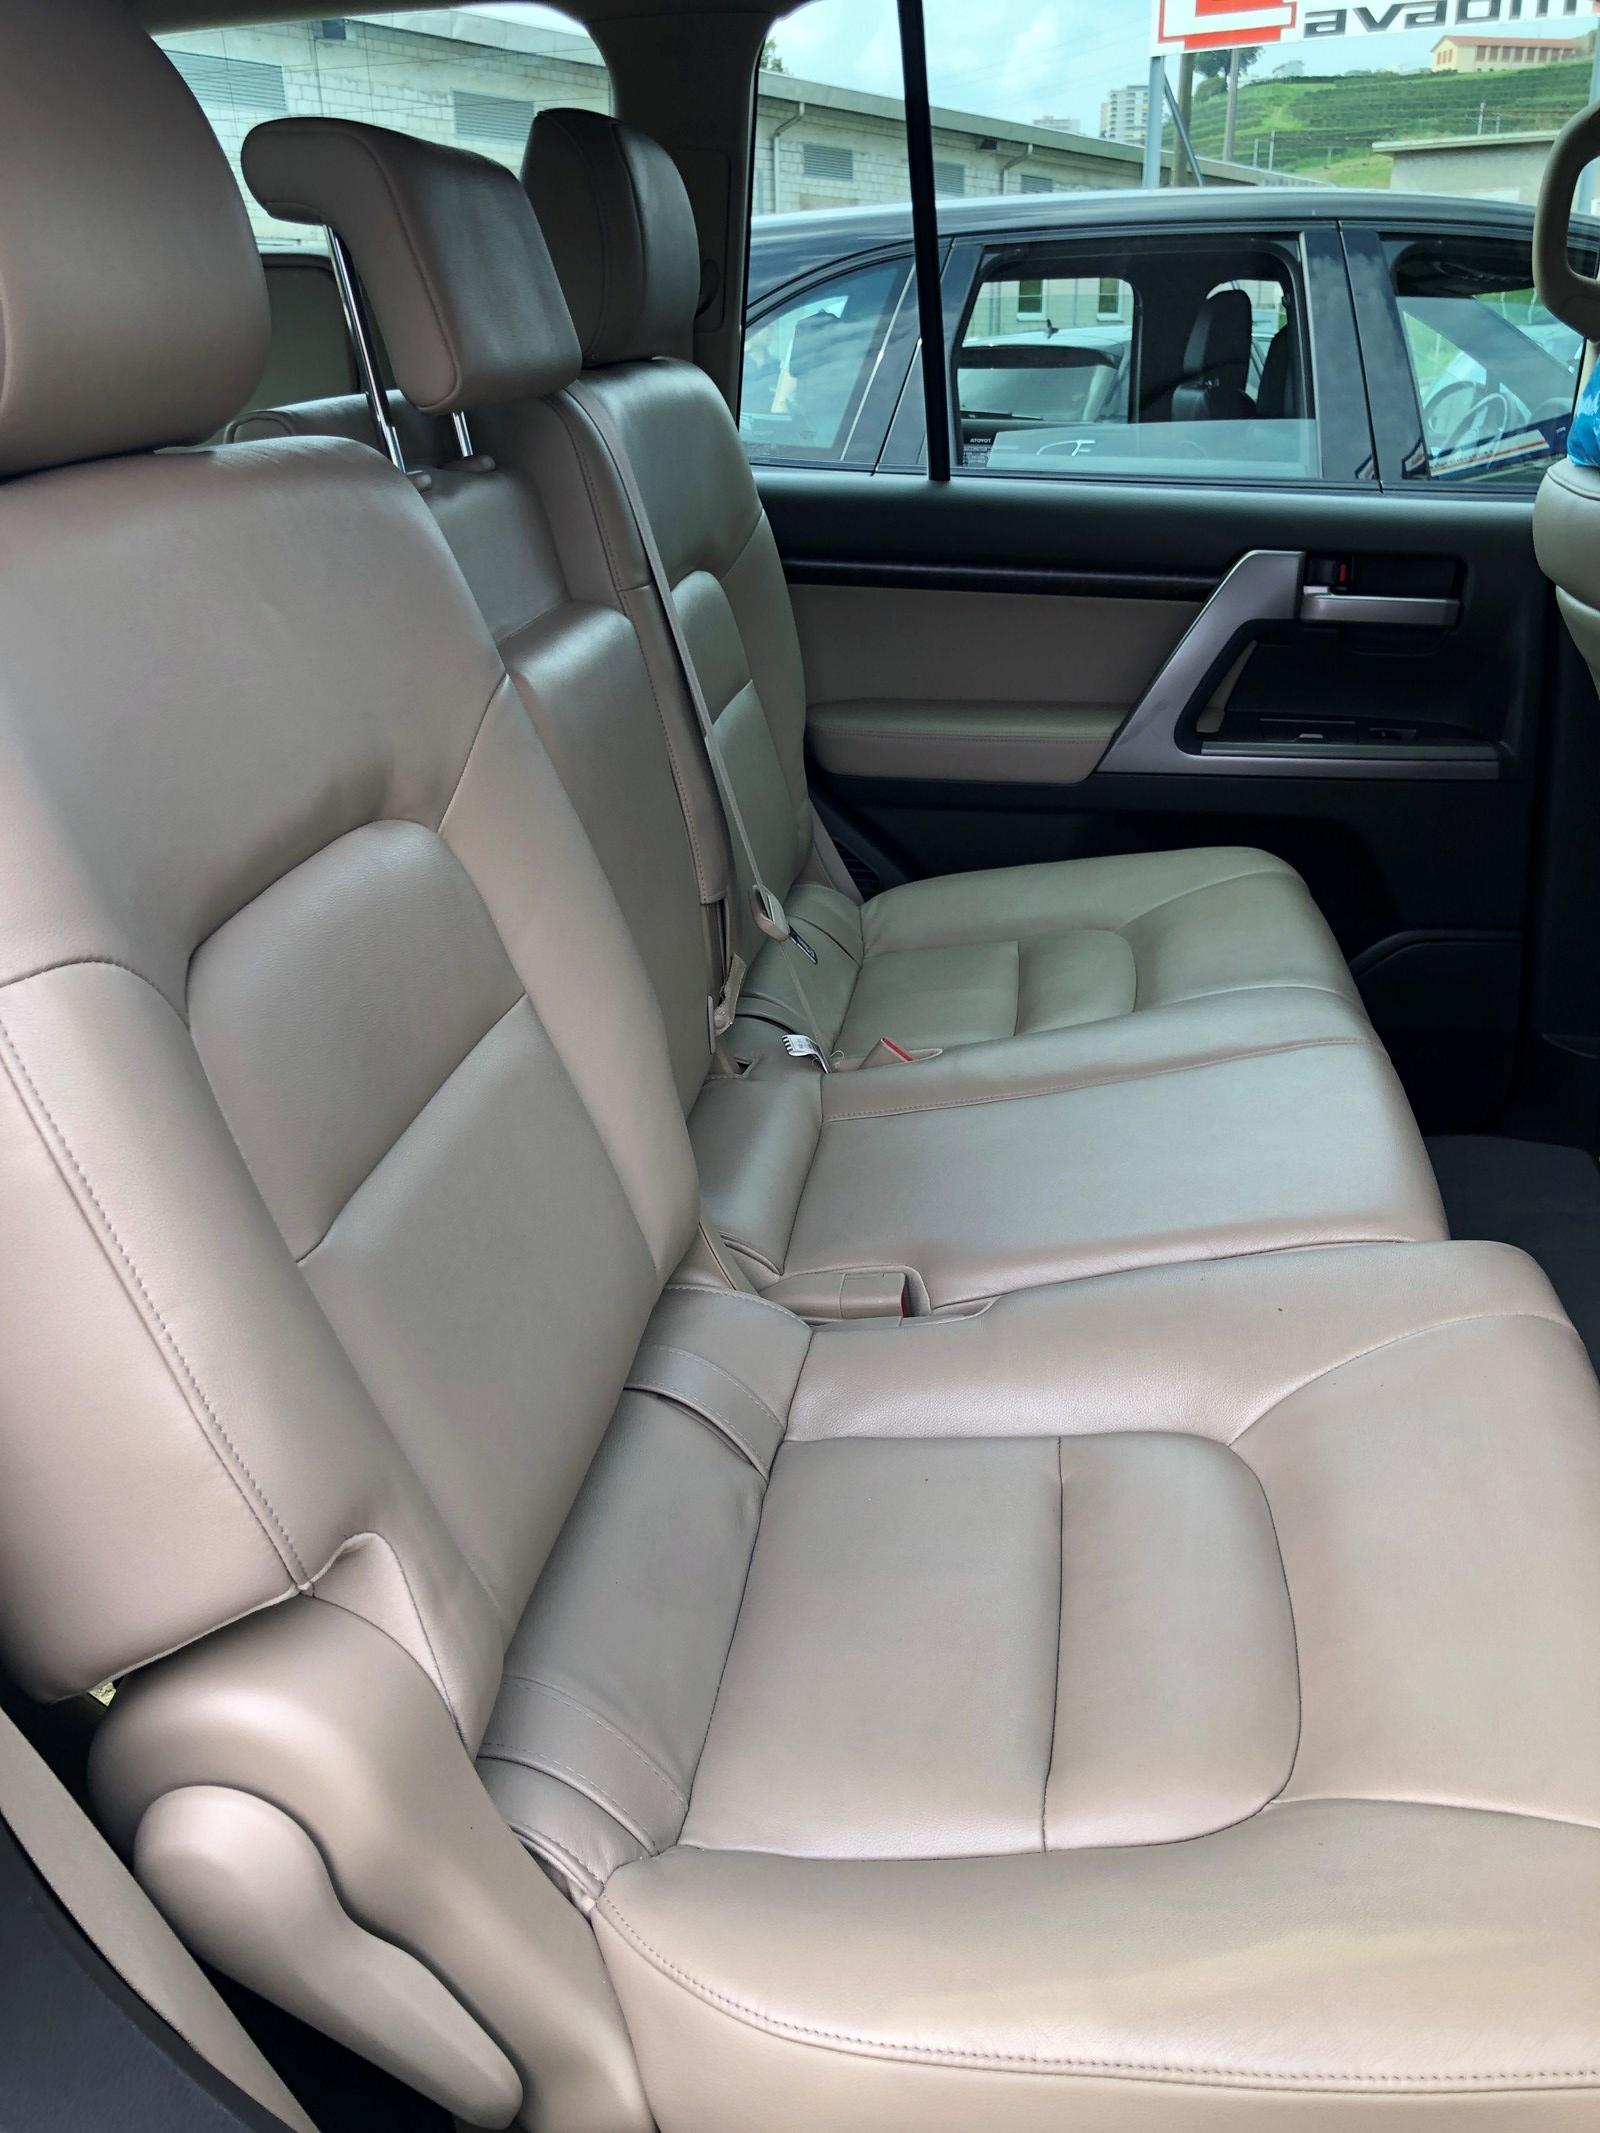 Toyota Land Cruiser V8 4.5 D-4D V8 Linea Sol 7P.